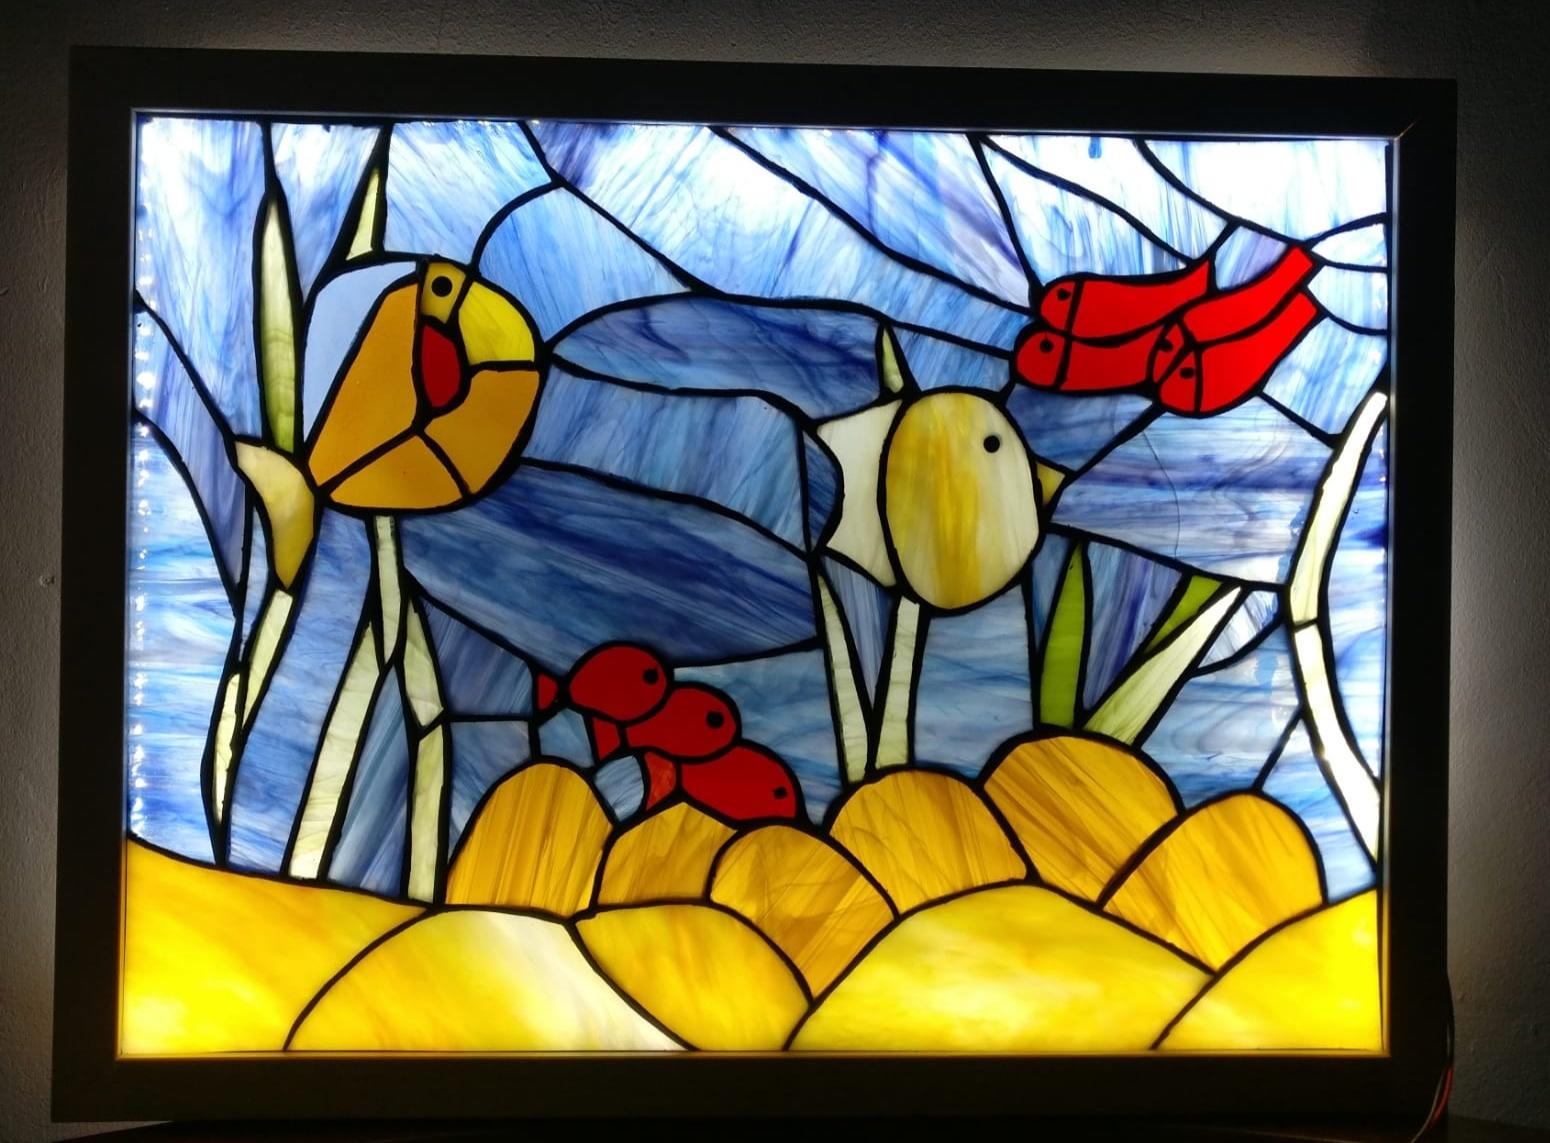 תאורת לד בשילוב ויטראז - תמונת ים ודגים